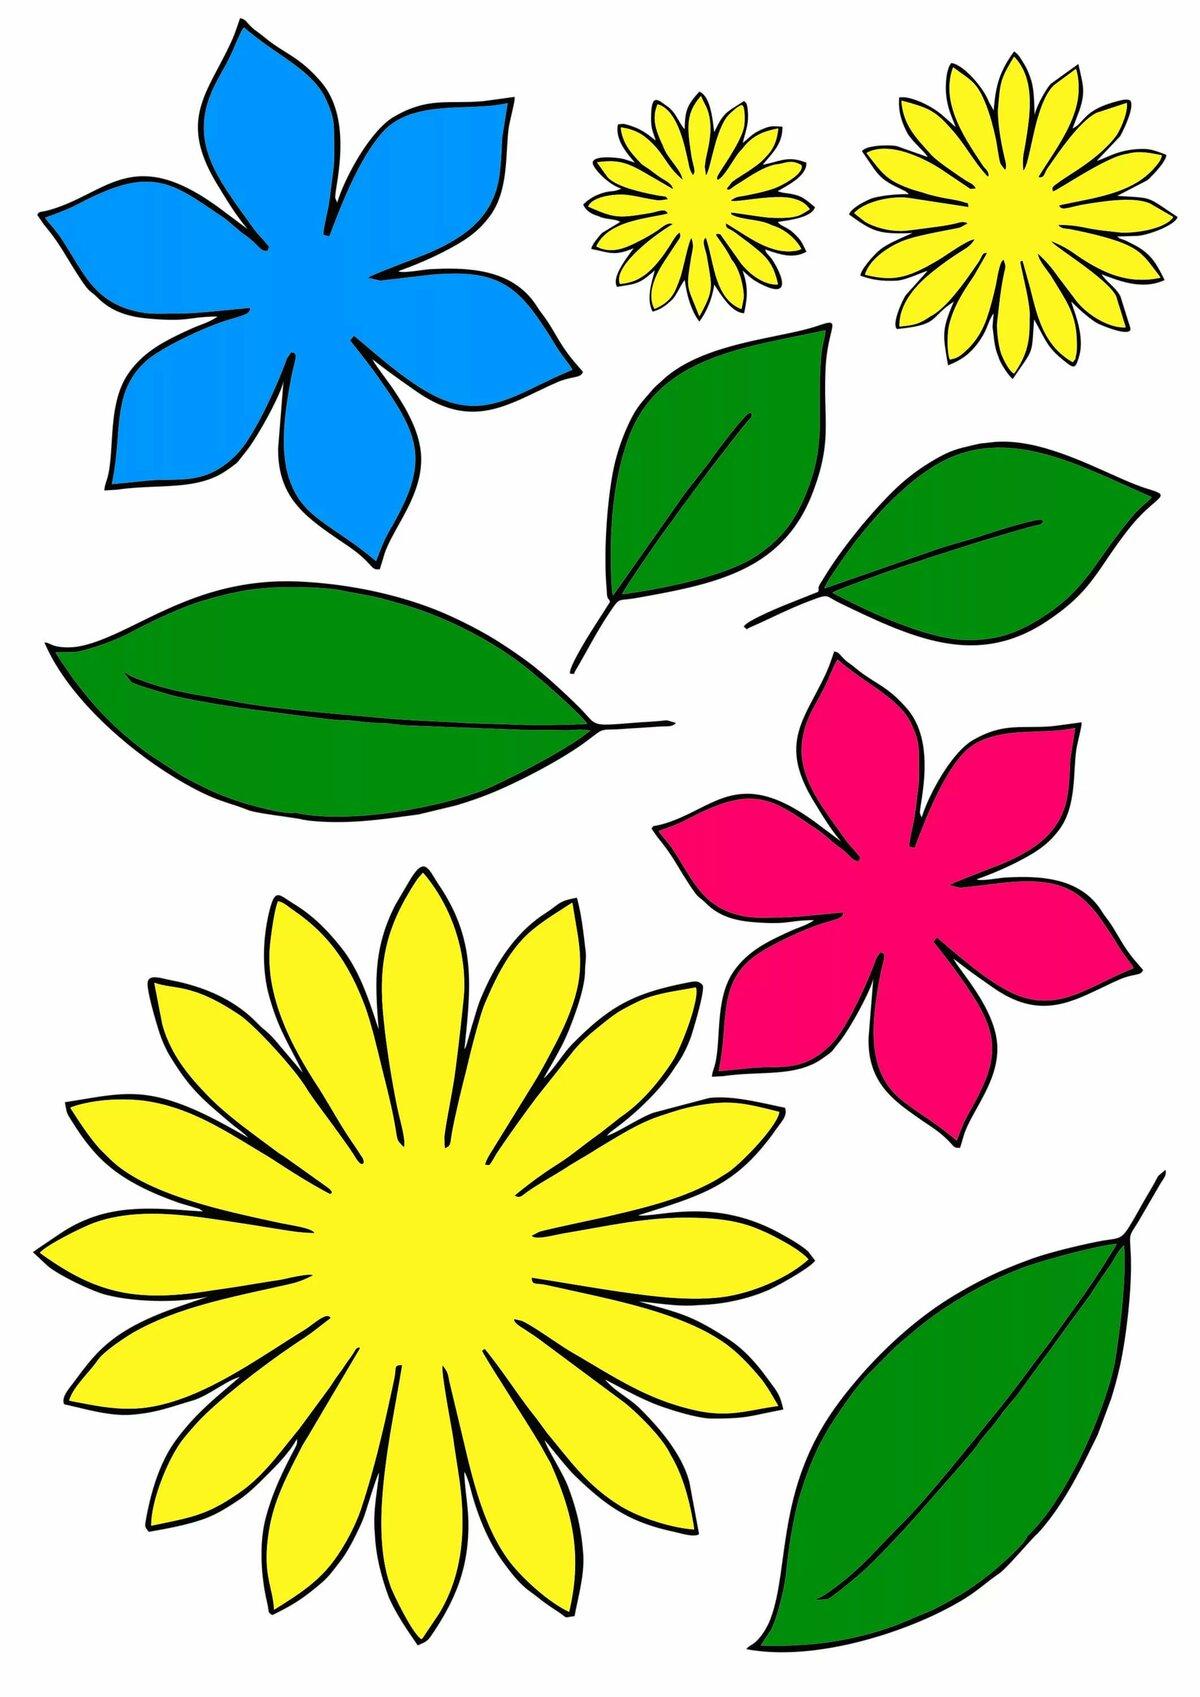 цветы картинки вырежи ничего приятнее